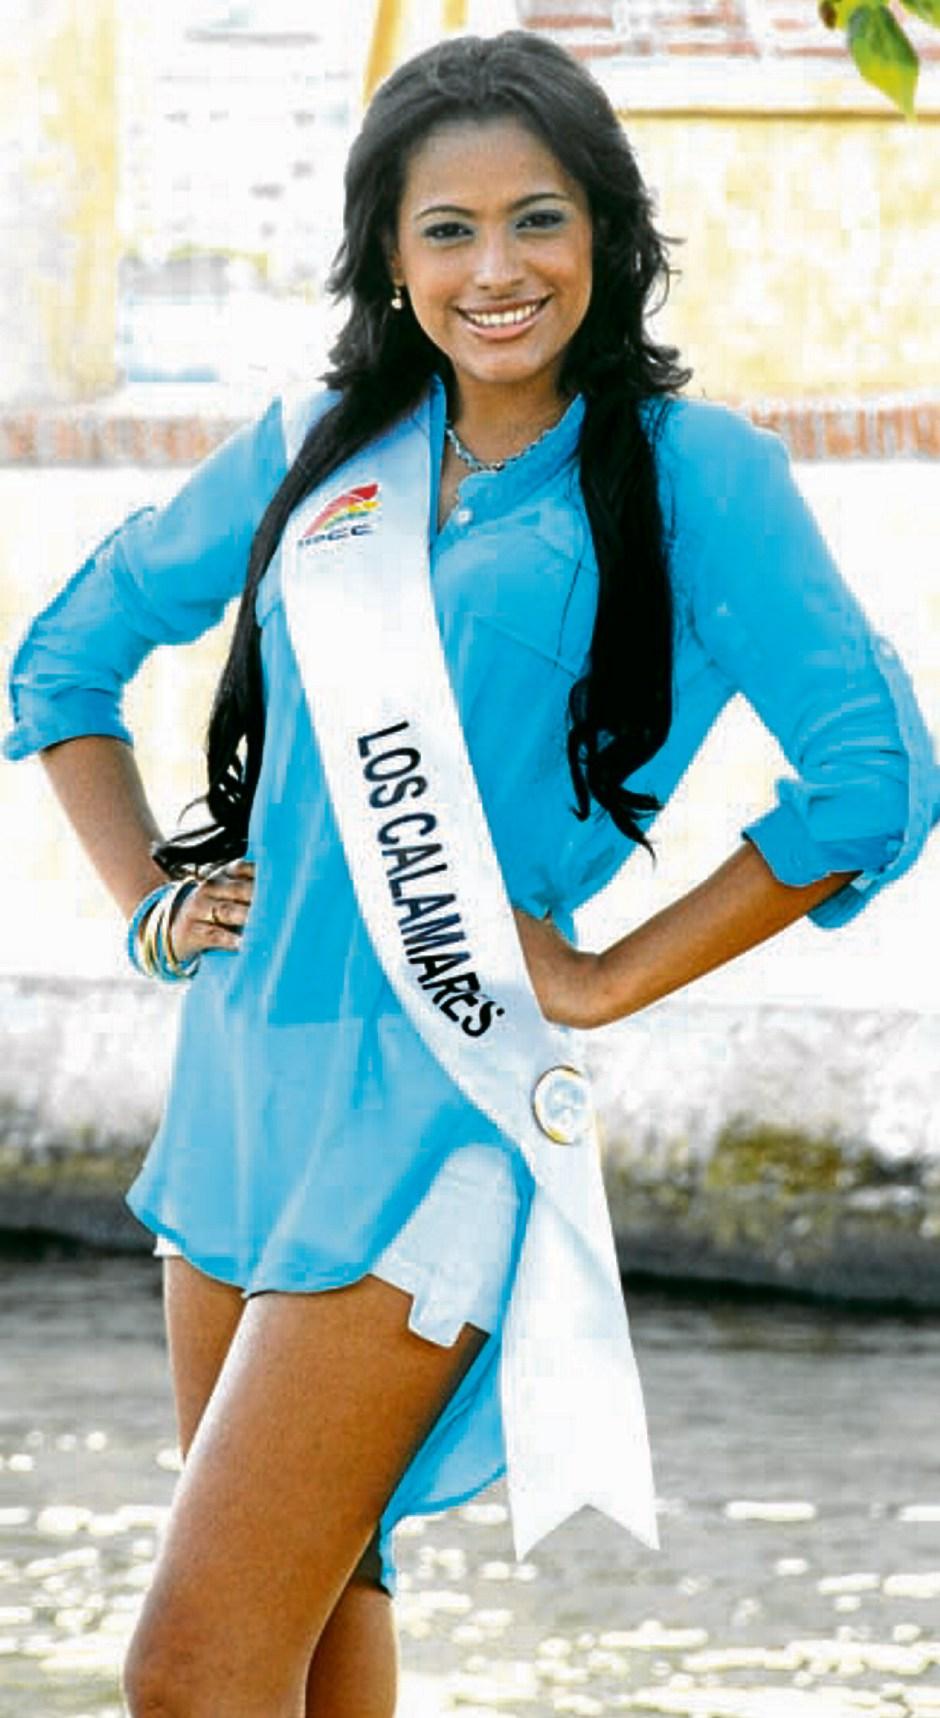 Wendy Almanza, representante del barrio Los Calamares.